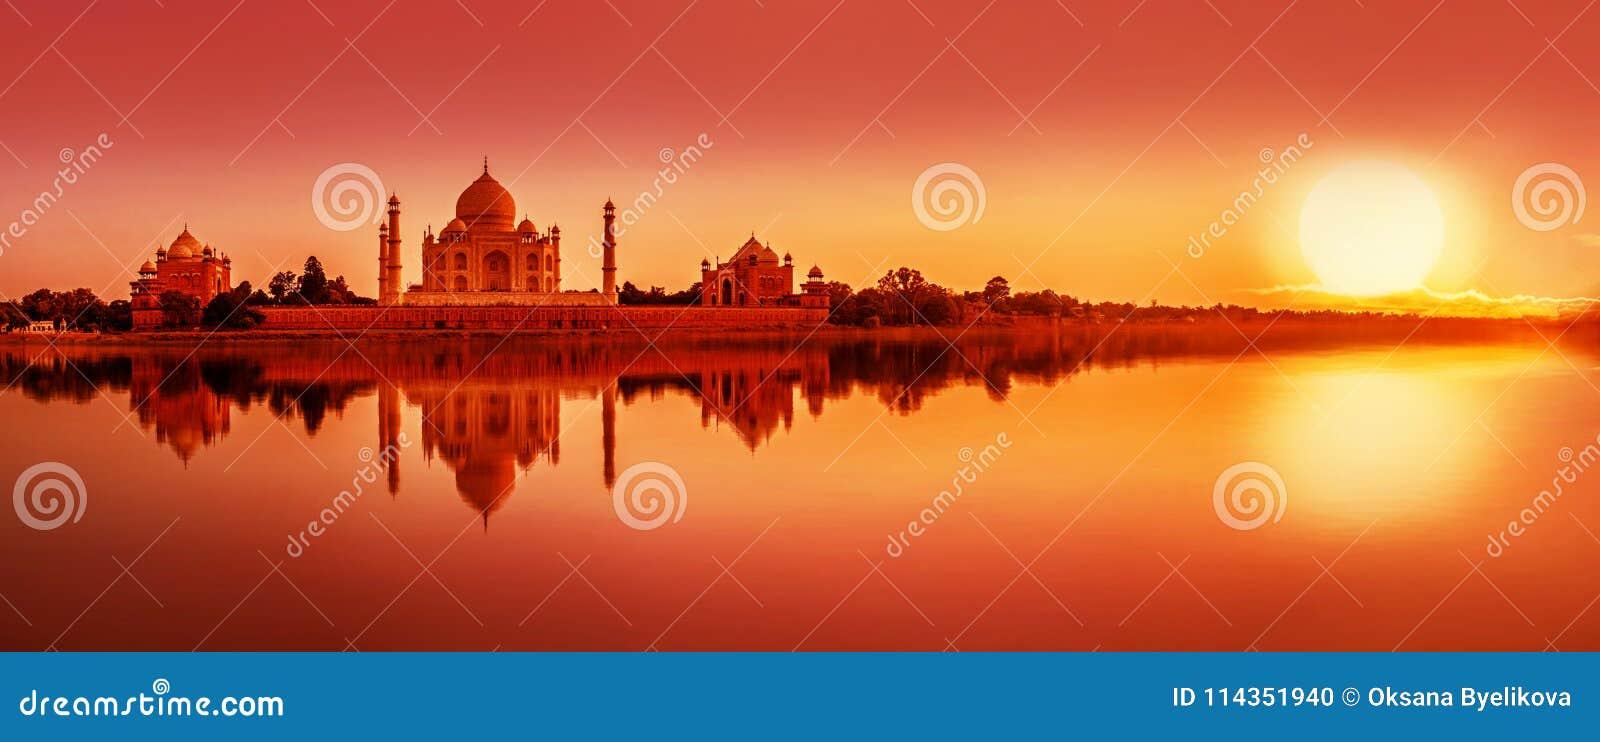 Taj Mahal tijdens zonsondergang in Agra, India